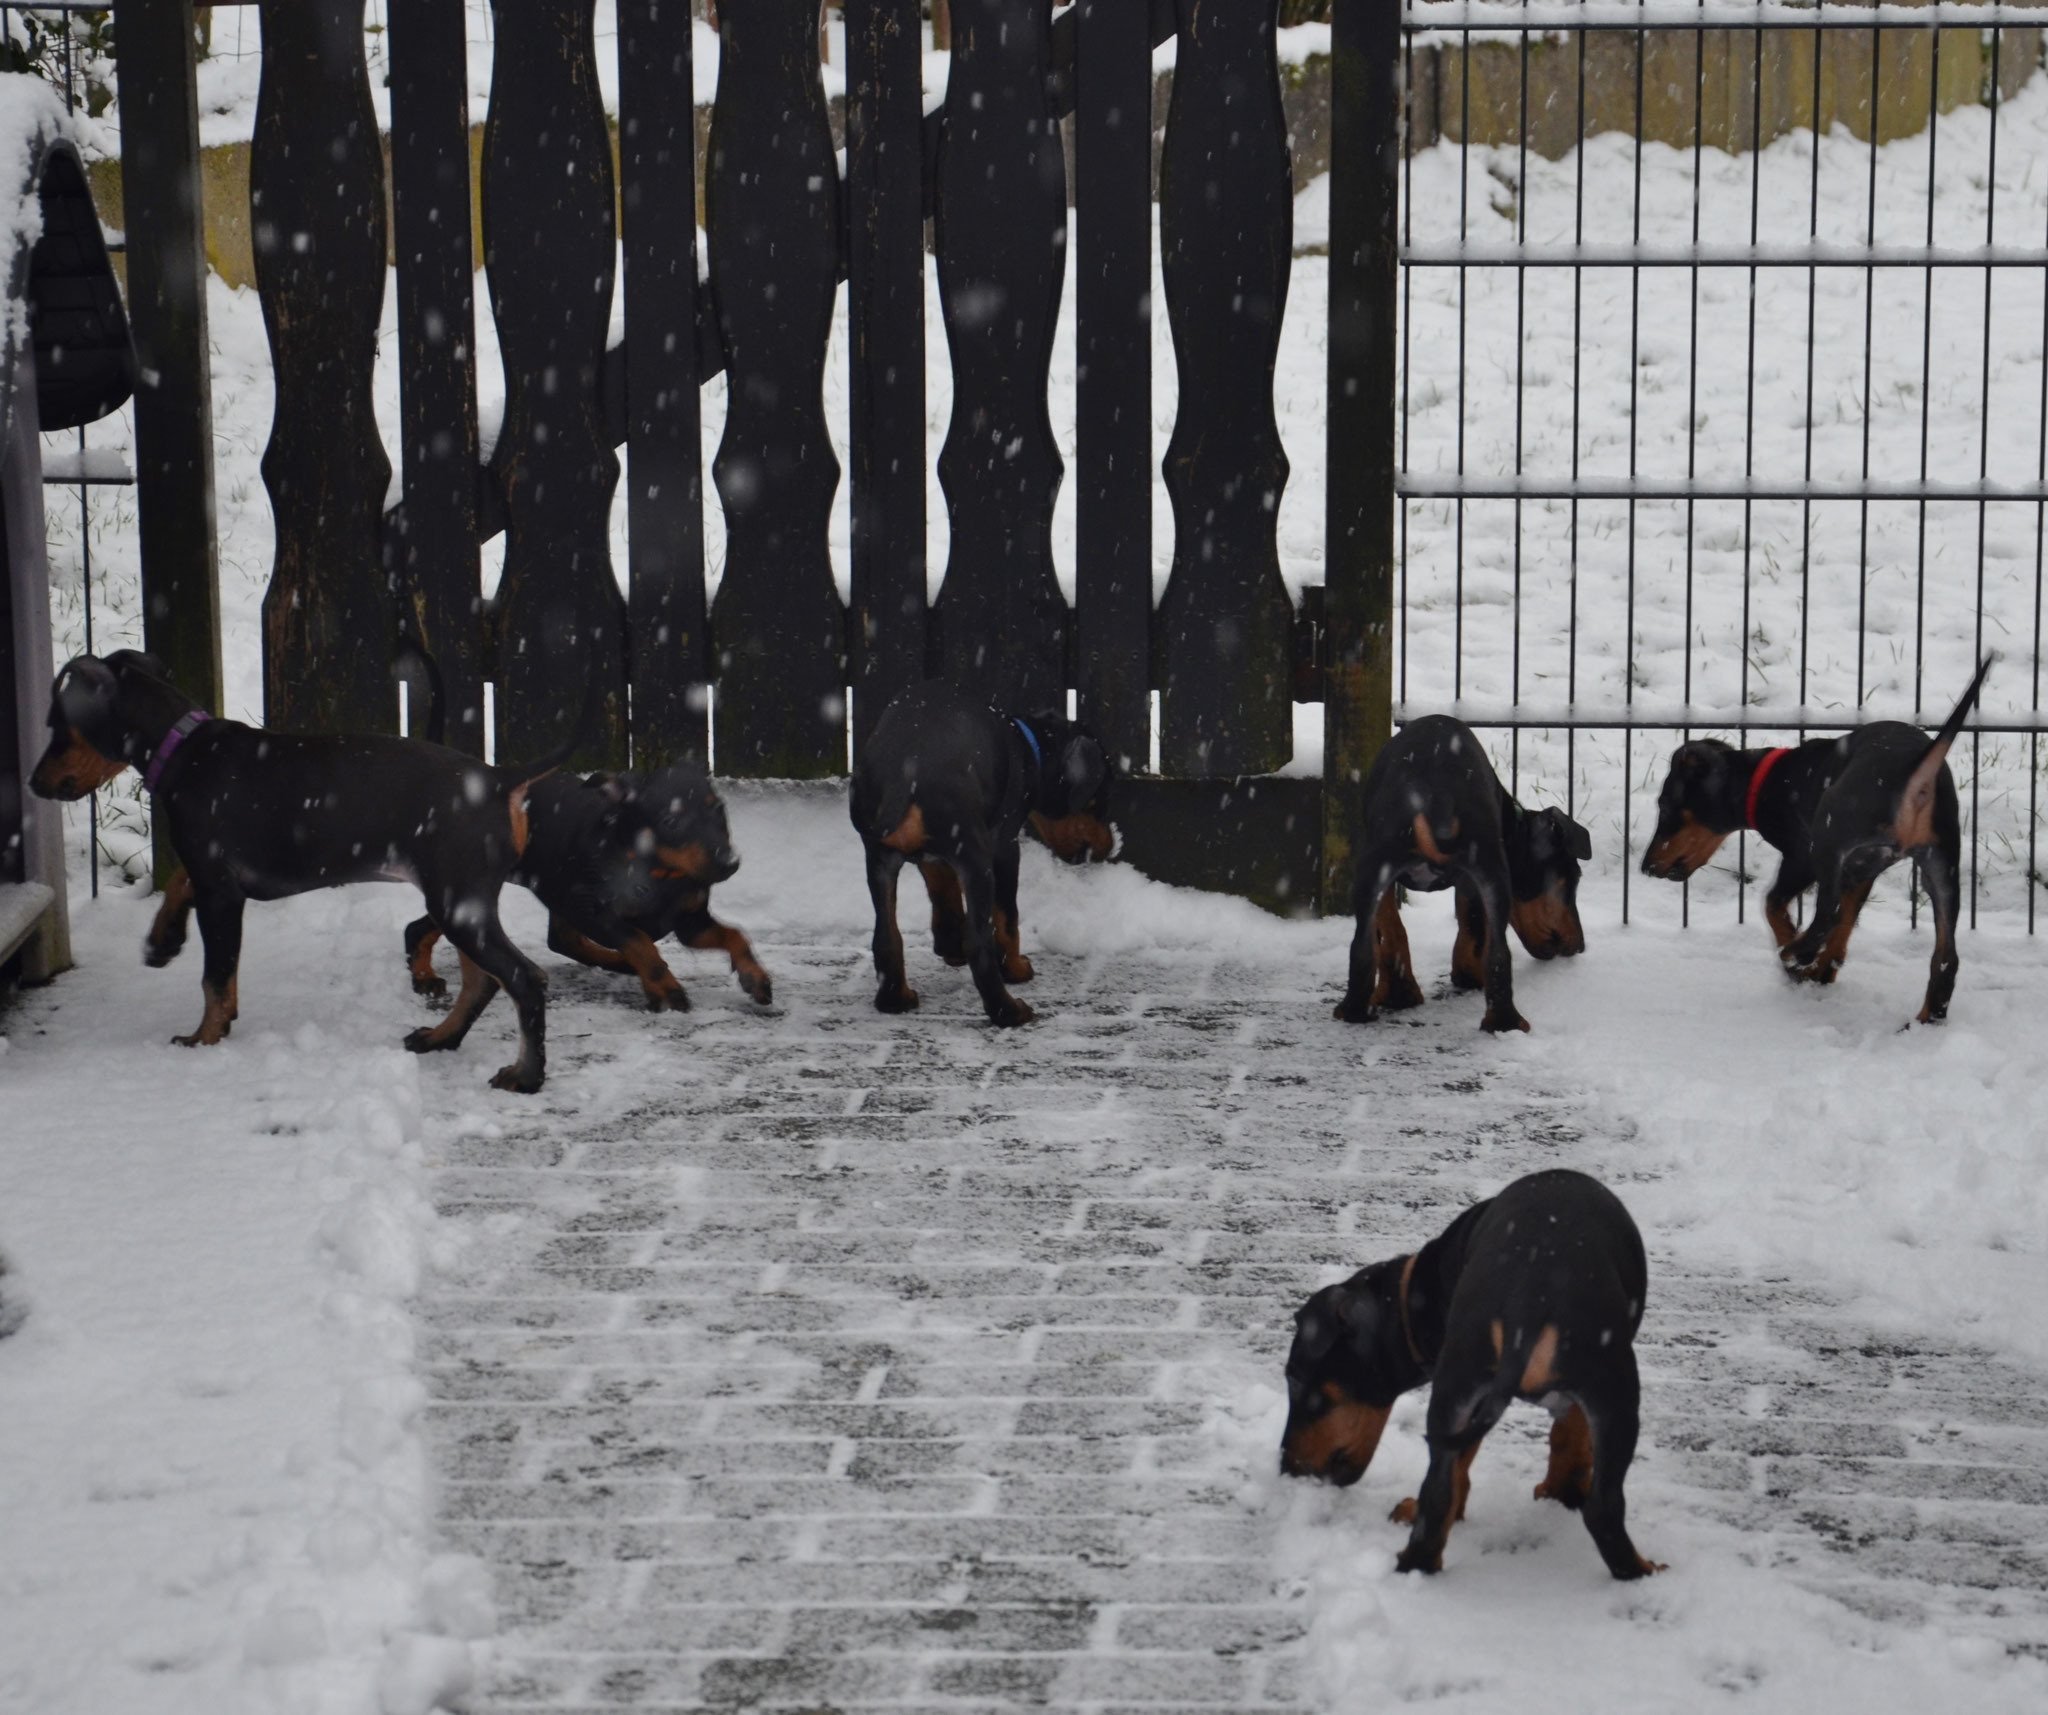 auch unsere Welpen haben Spaß im Schnee